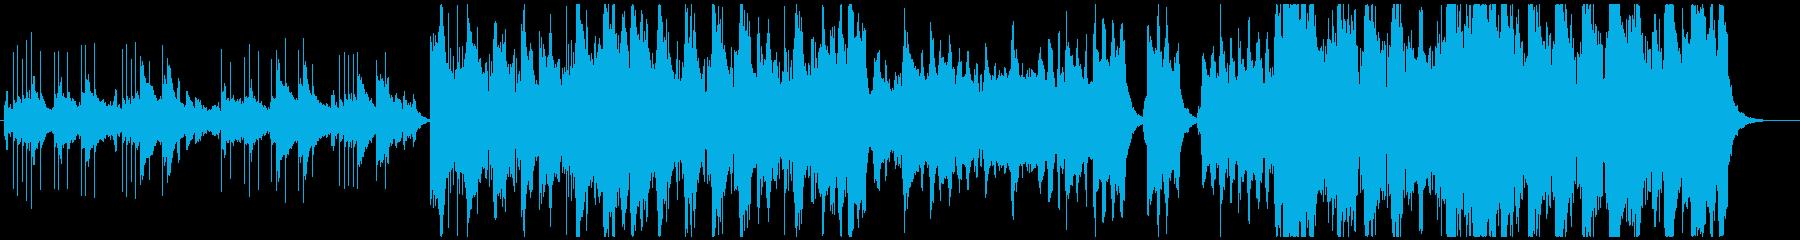 3拍子のハロウィン風オーケストラBGMの再生済みの波形